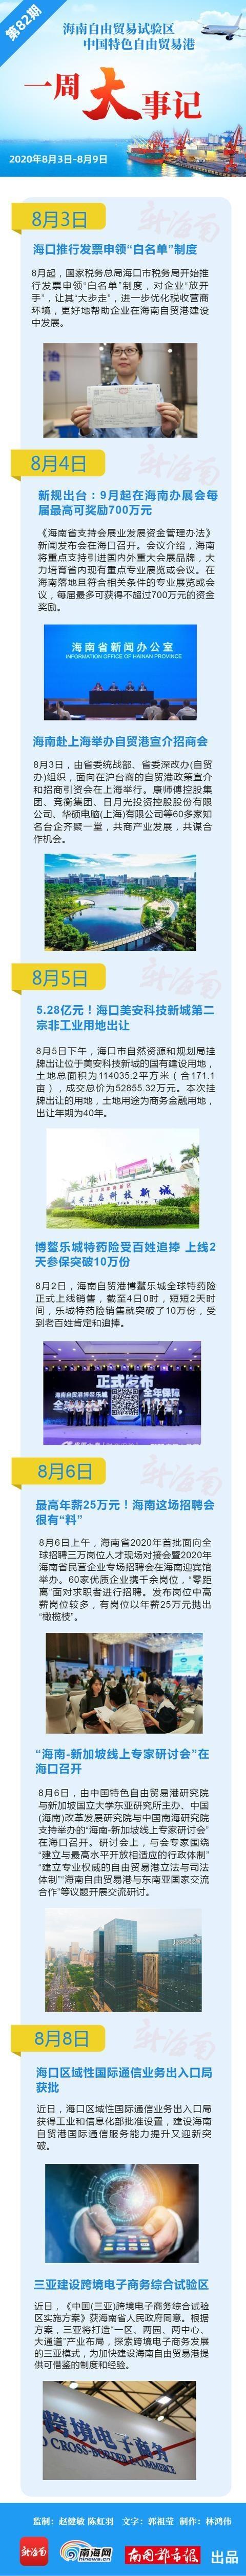 海南自贸港一周大事记 | 9月起在海南办展会每届最高可奖励700万元